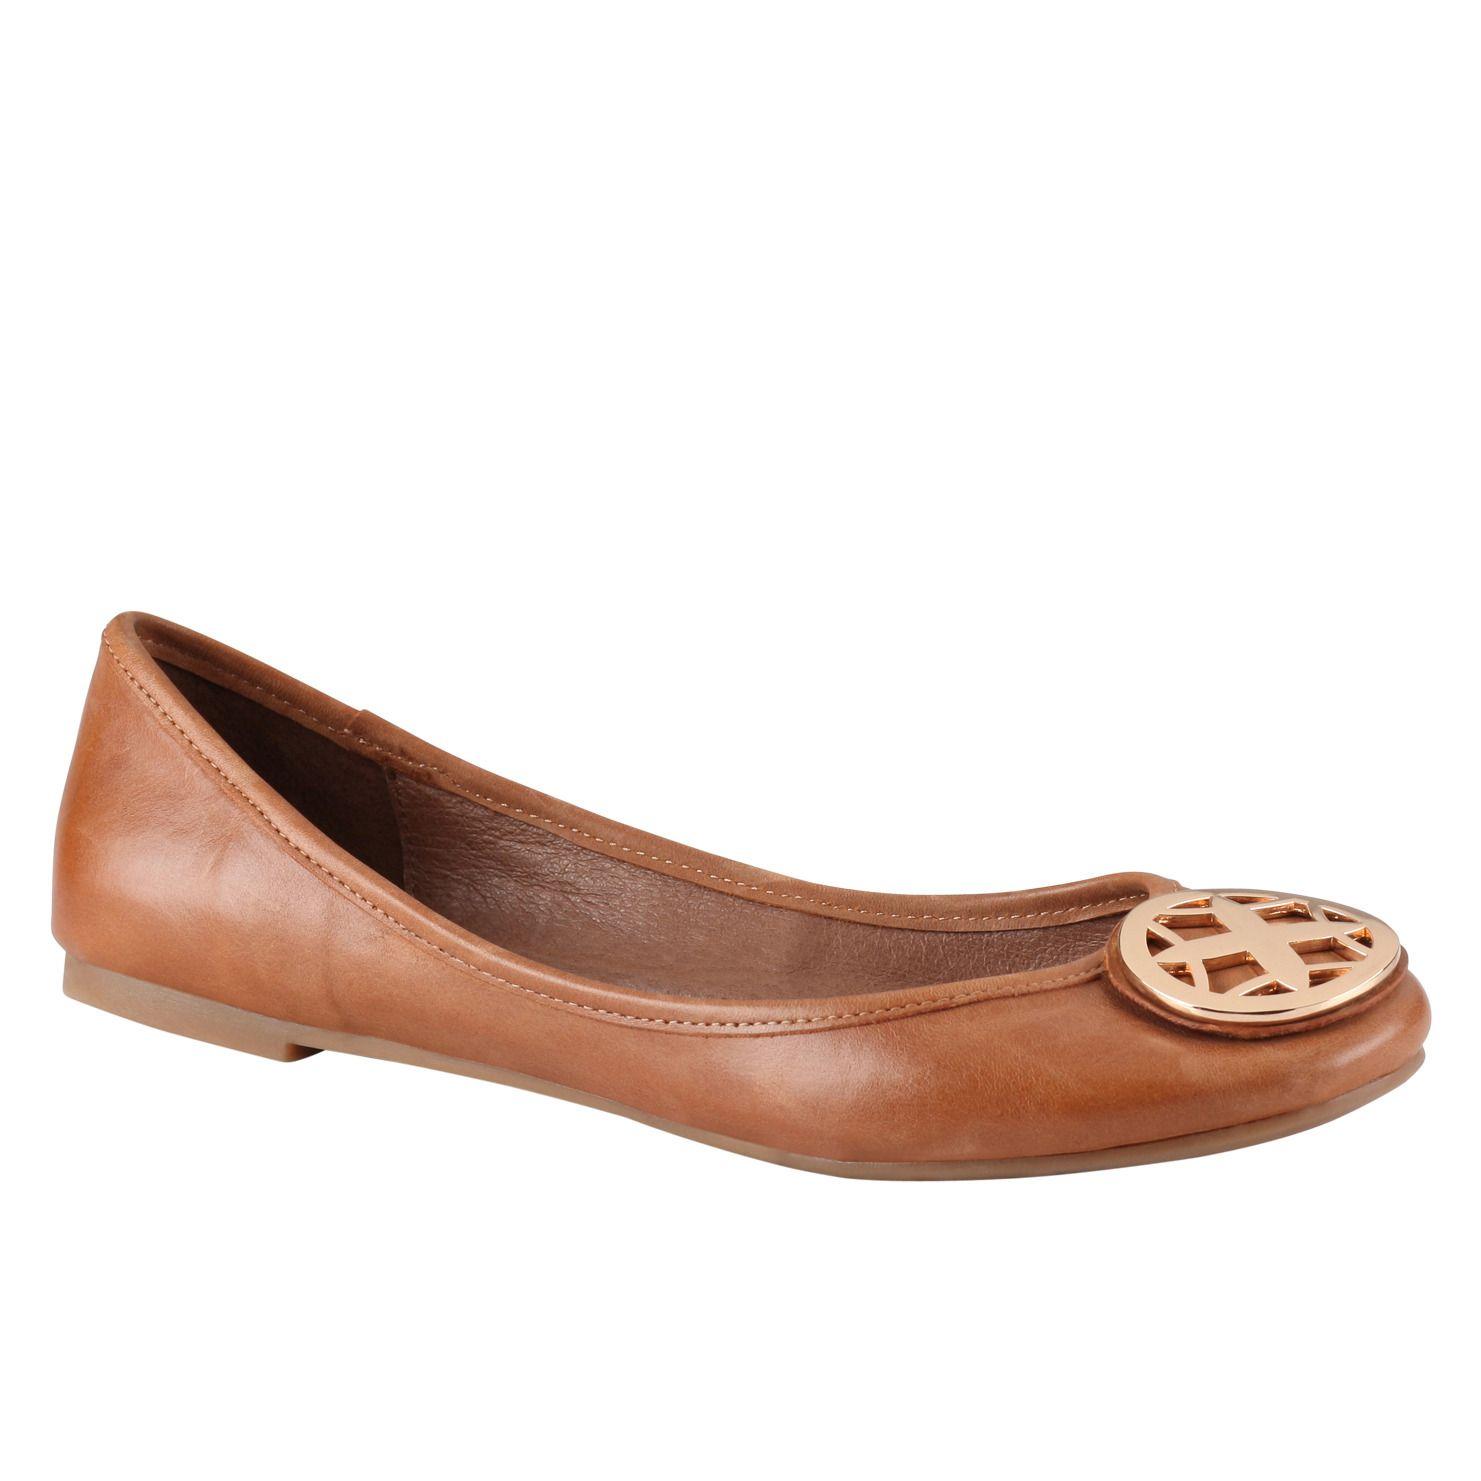 Flat shoes women, Shoes, Aldo shoes